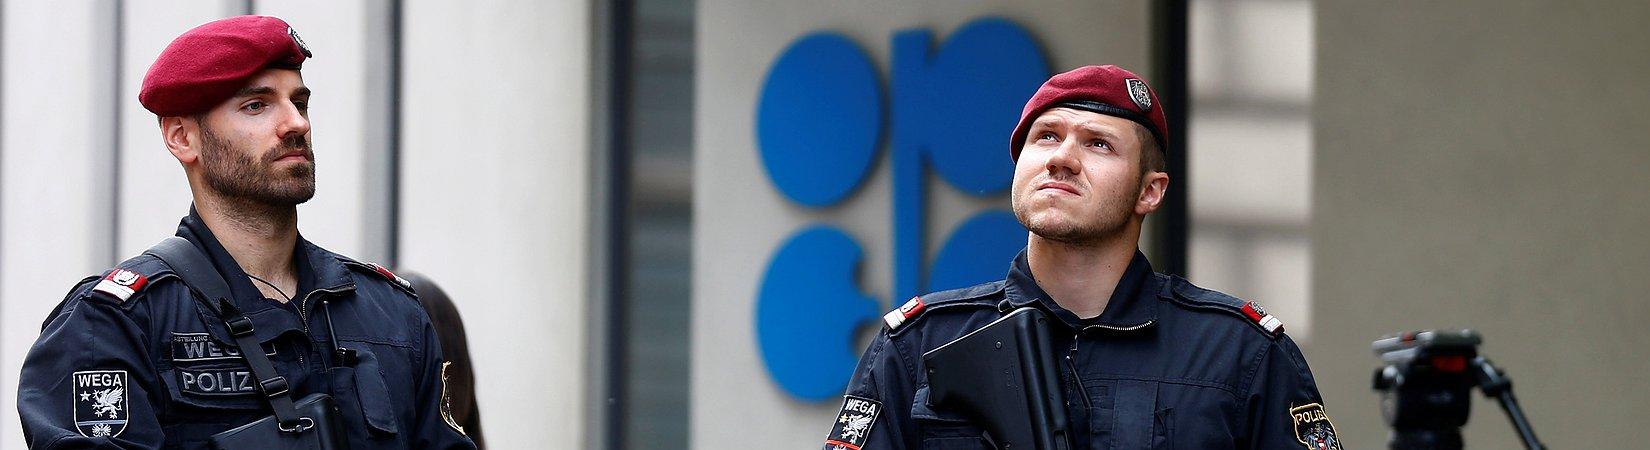 Preguntas frecuentes sobre la reunión de la OPEP en Viena